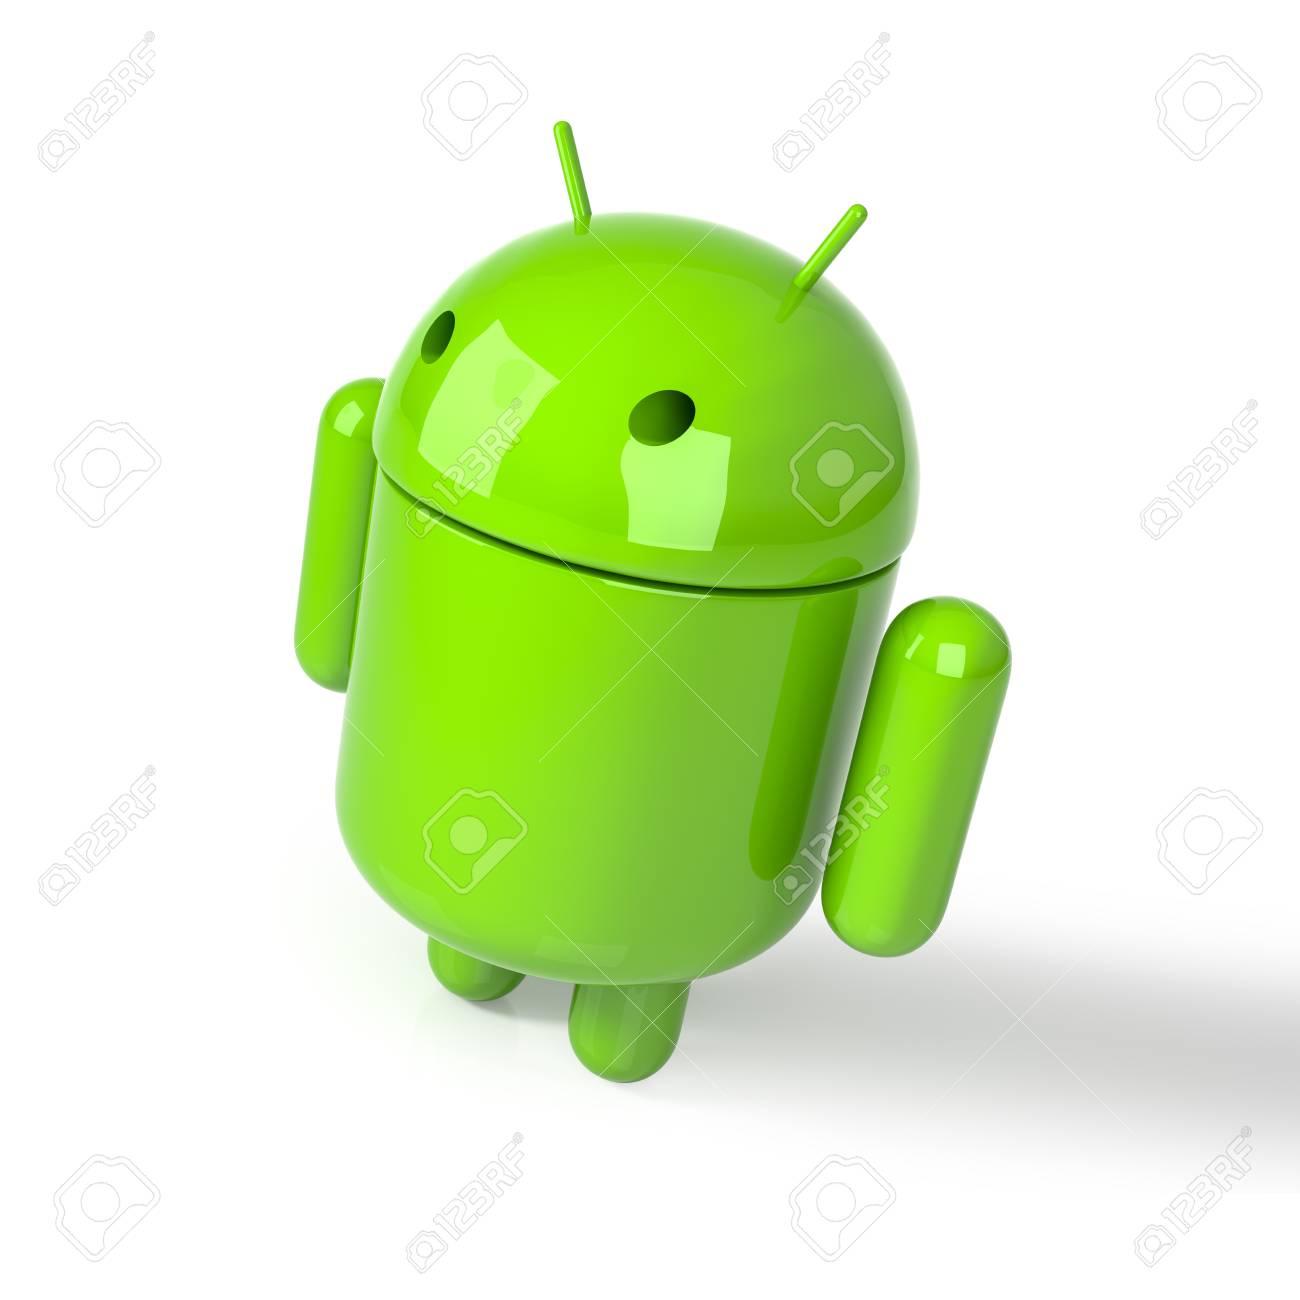 Izmir - Turkey - December 13, 2017: Android symbol figure on